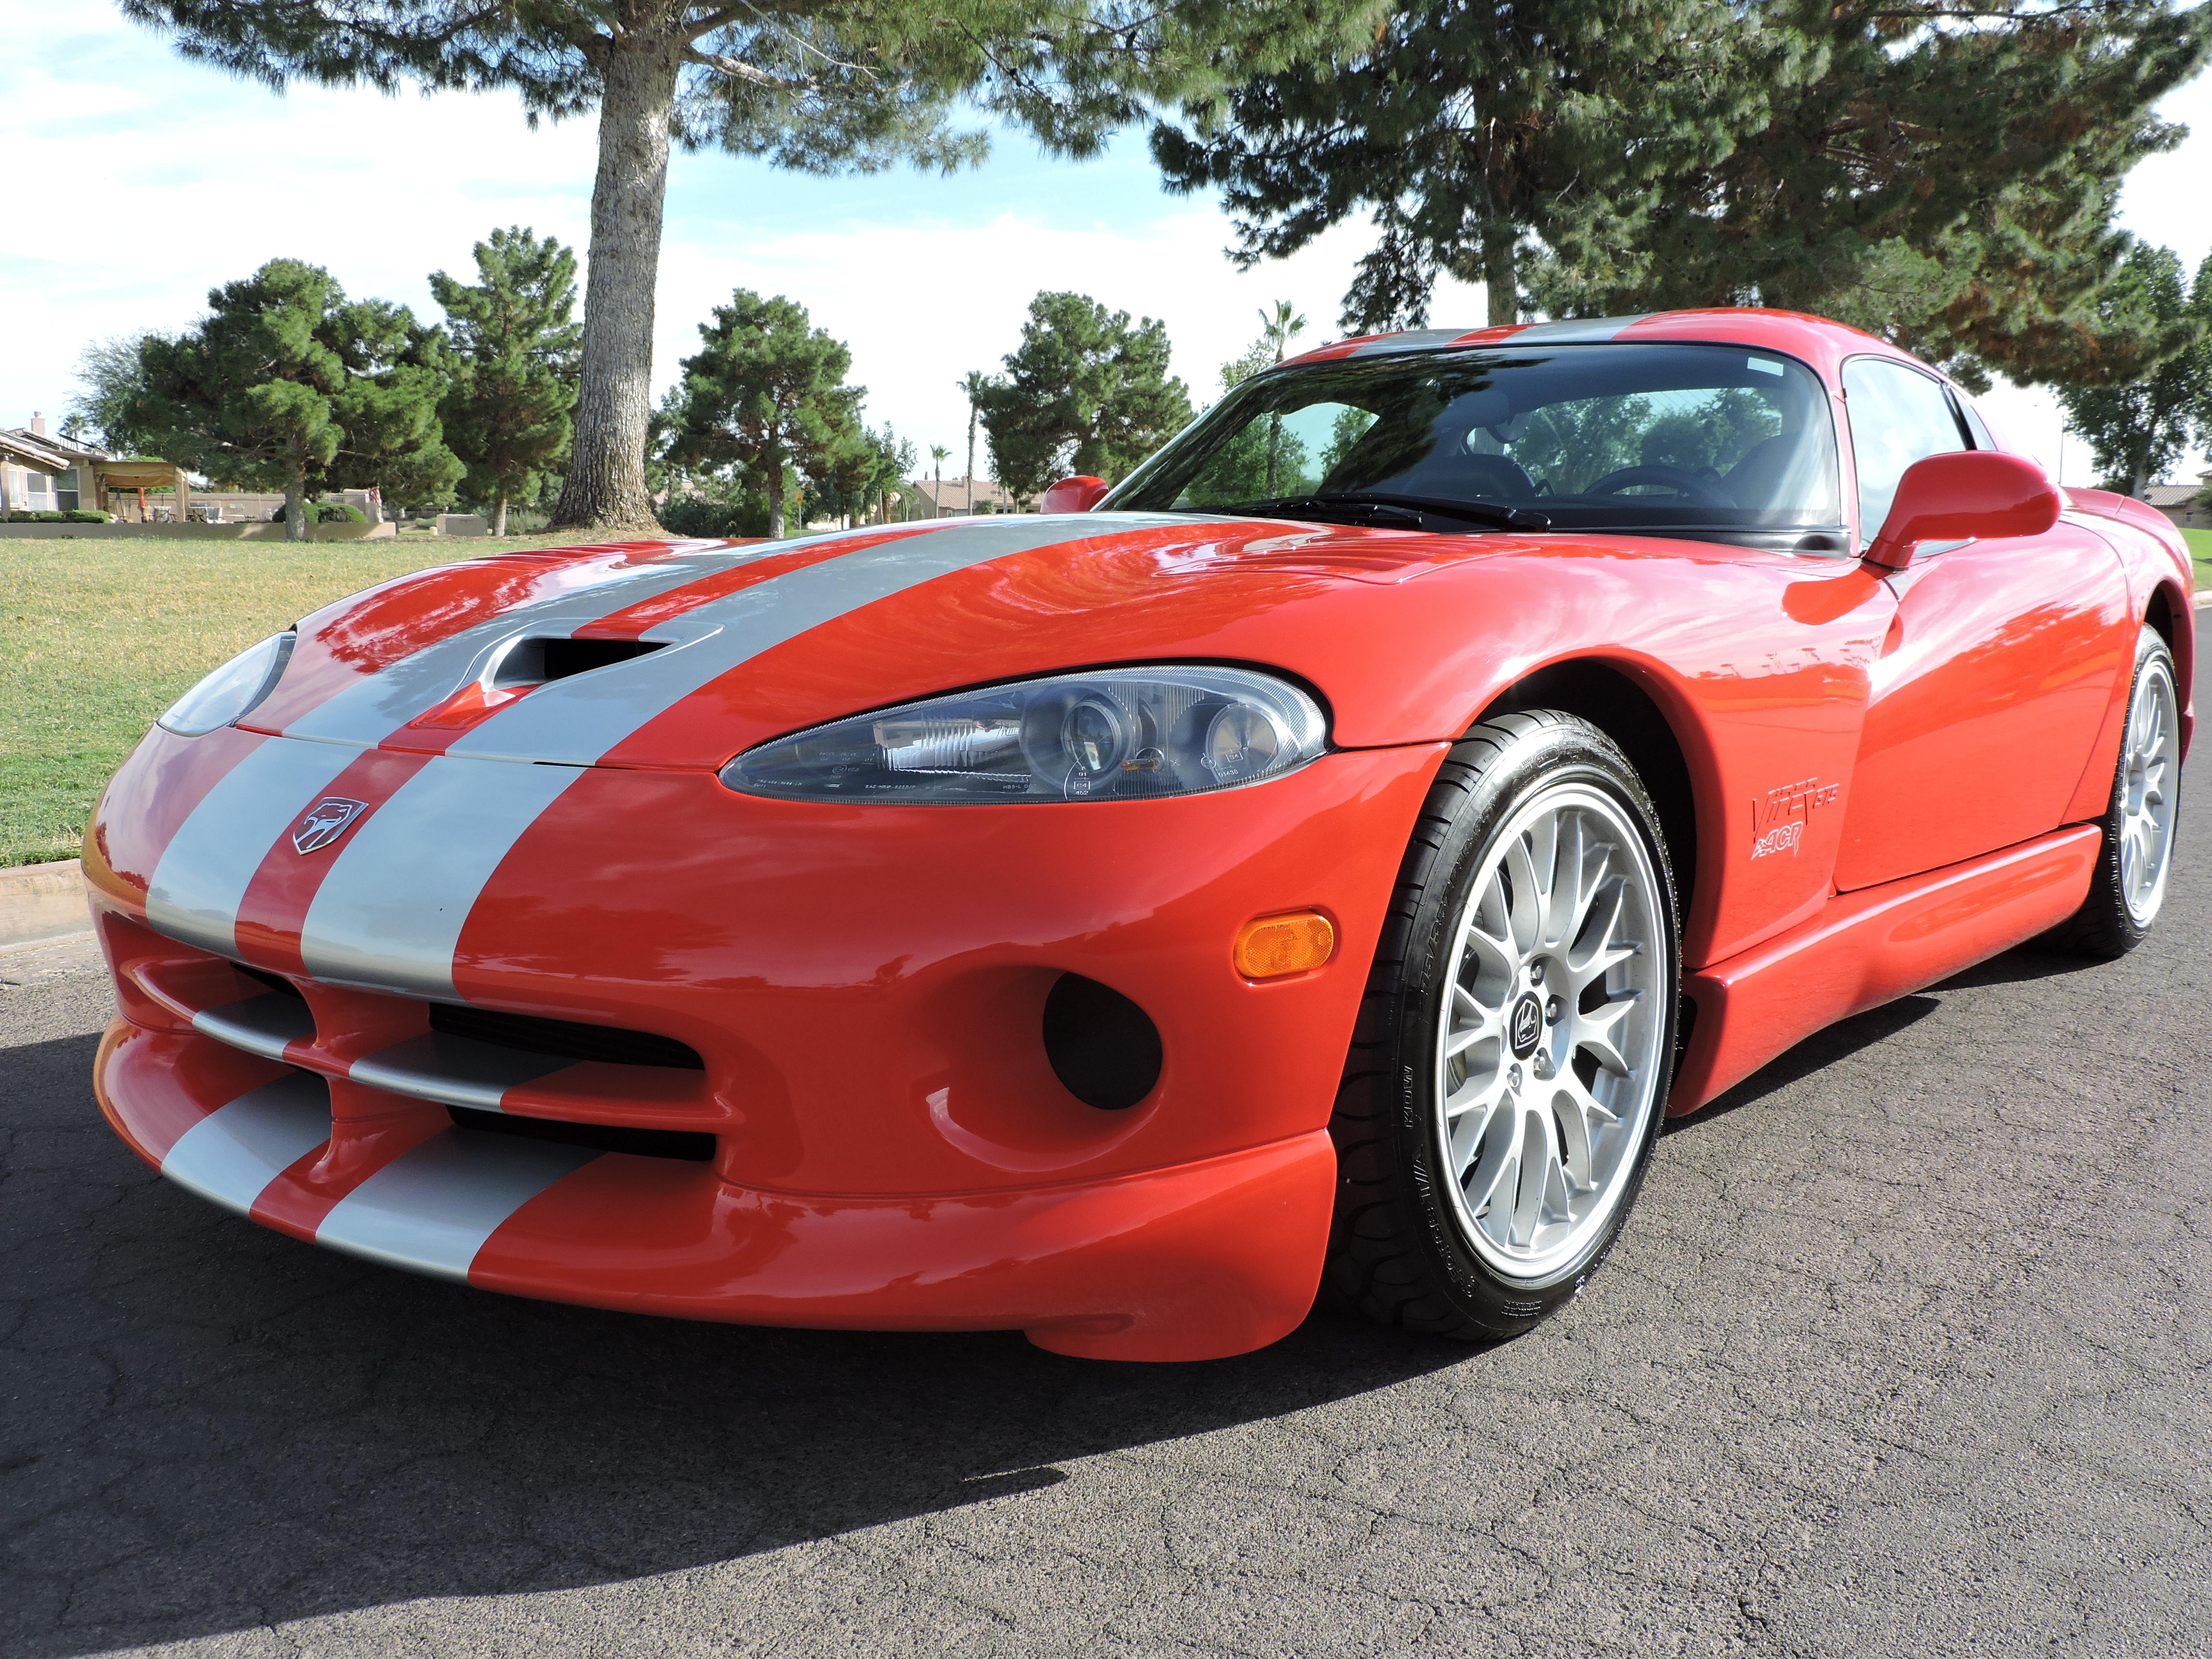 2001 Dodge Viper ACR